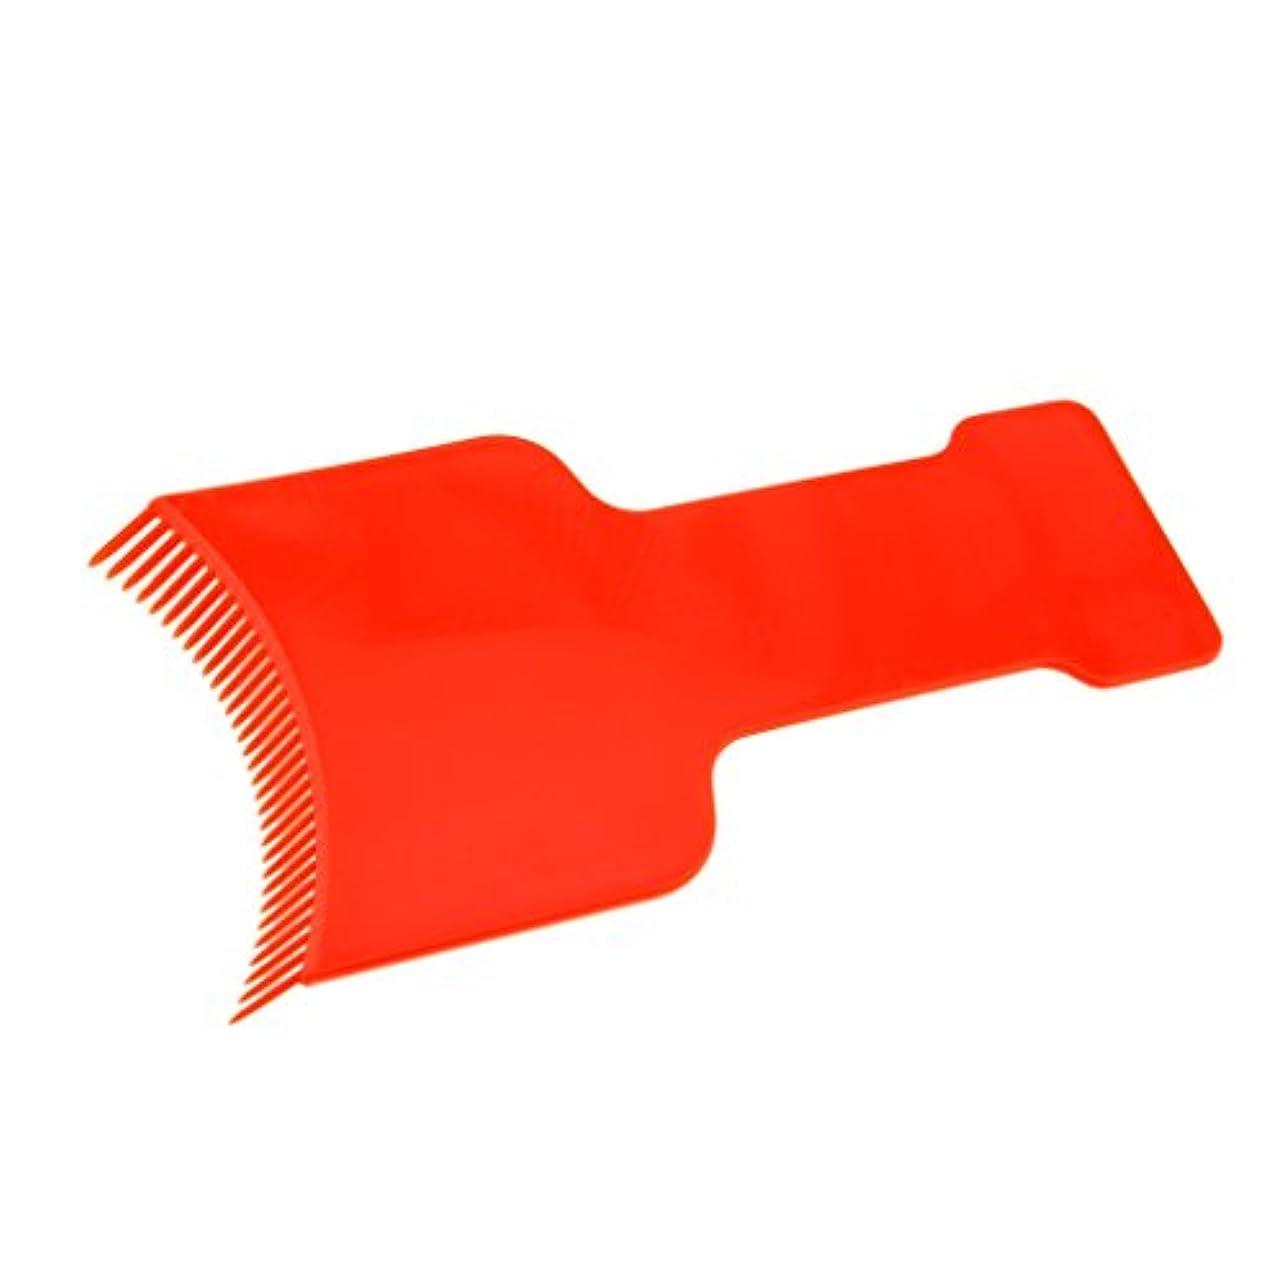 寄生虫文字うまれたPerfeclan ヘアダイコーム ヘアダイブラシ 染色ボード 理髪店 美容院 アクセサリー 便利